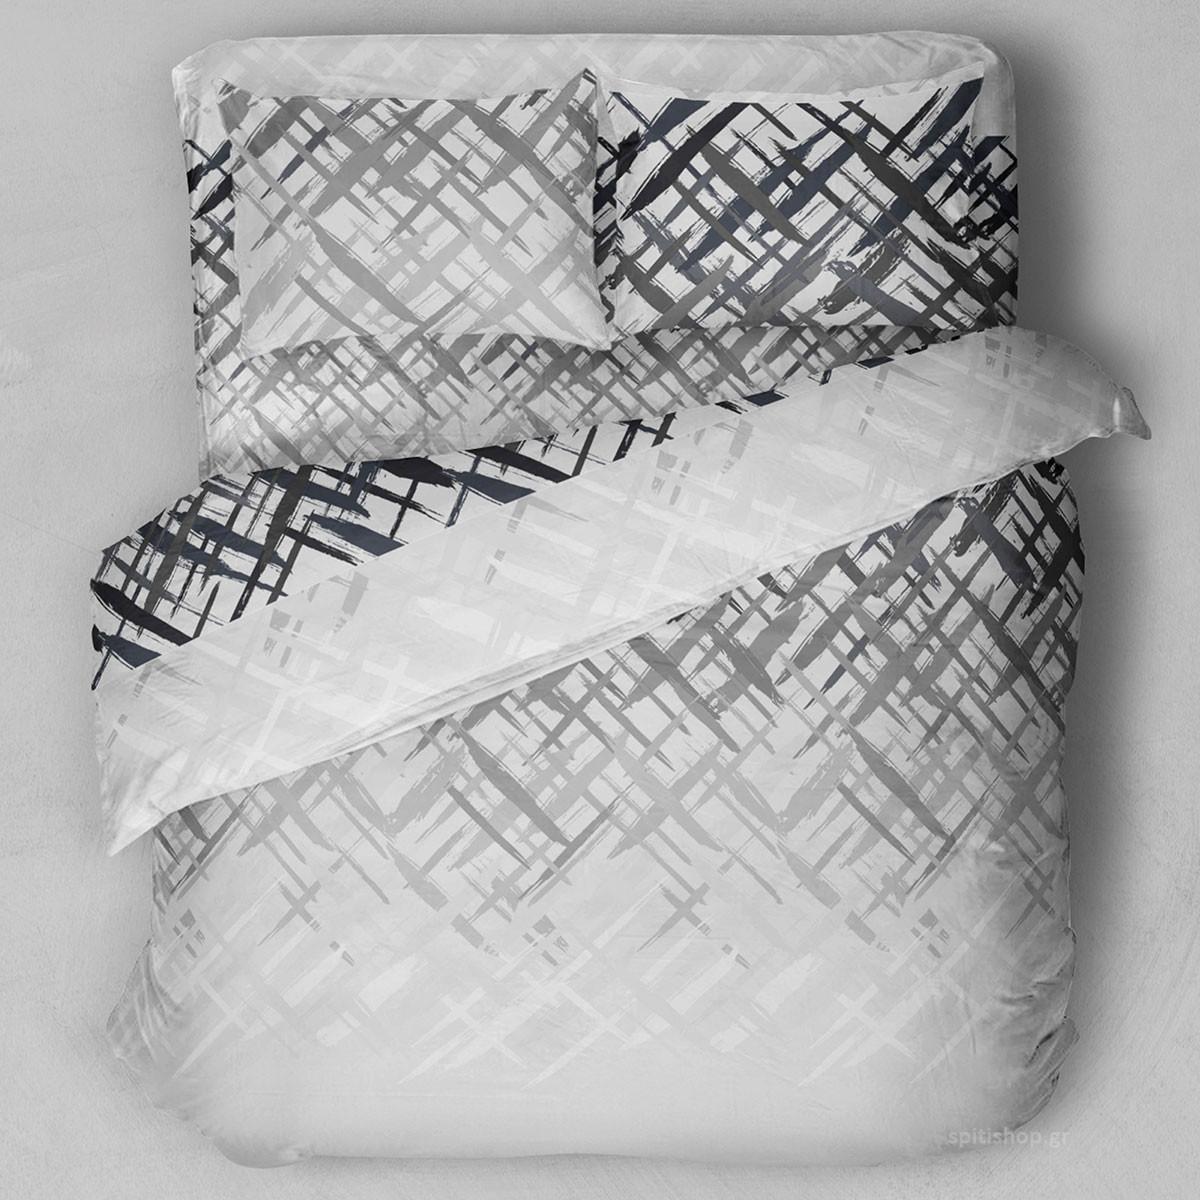 Παπλωματοθήκη Ημίδιπλη (Σετ) Viopros Fresh Ντέστινι home   κρεβατοκάμαρα   παπλωματοθήκες   παπλωματοθήκες ημίδιπλες   διπλές